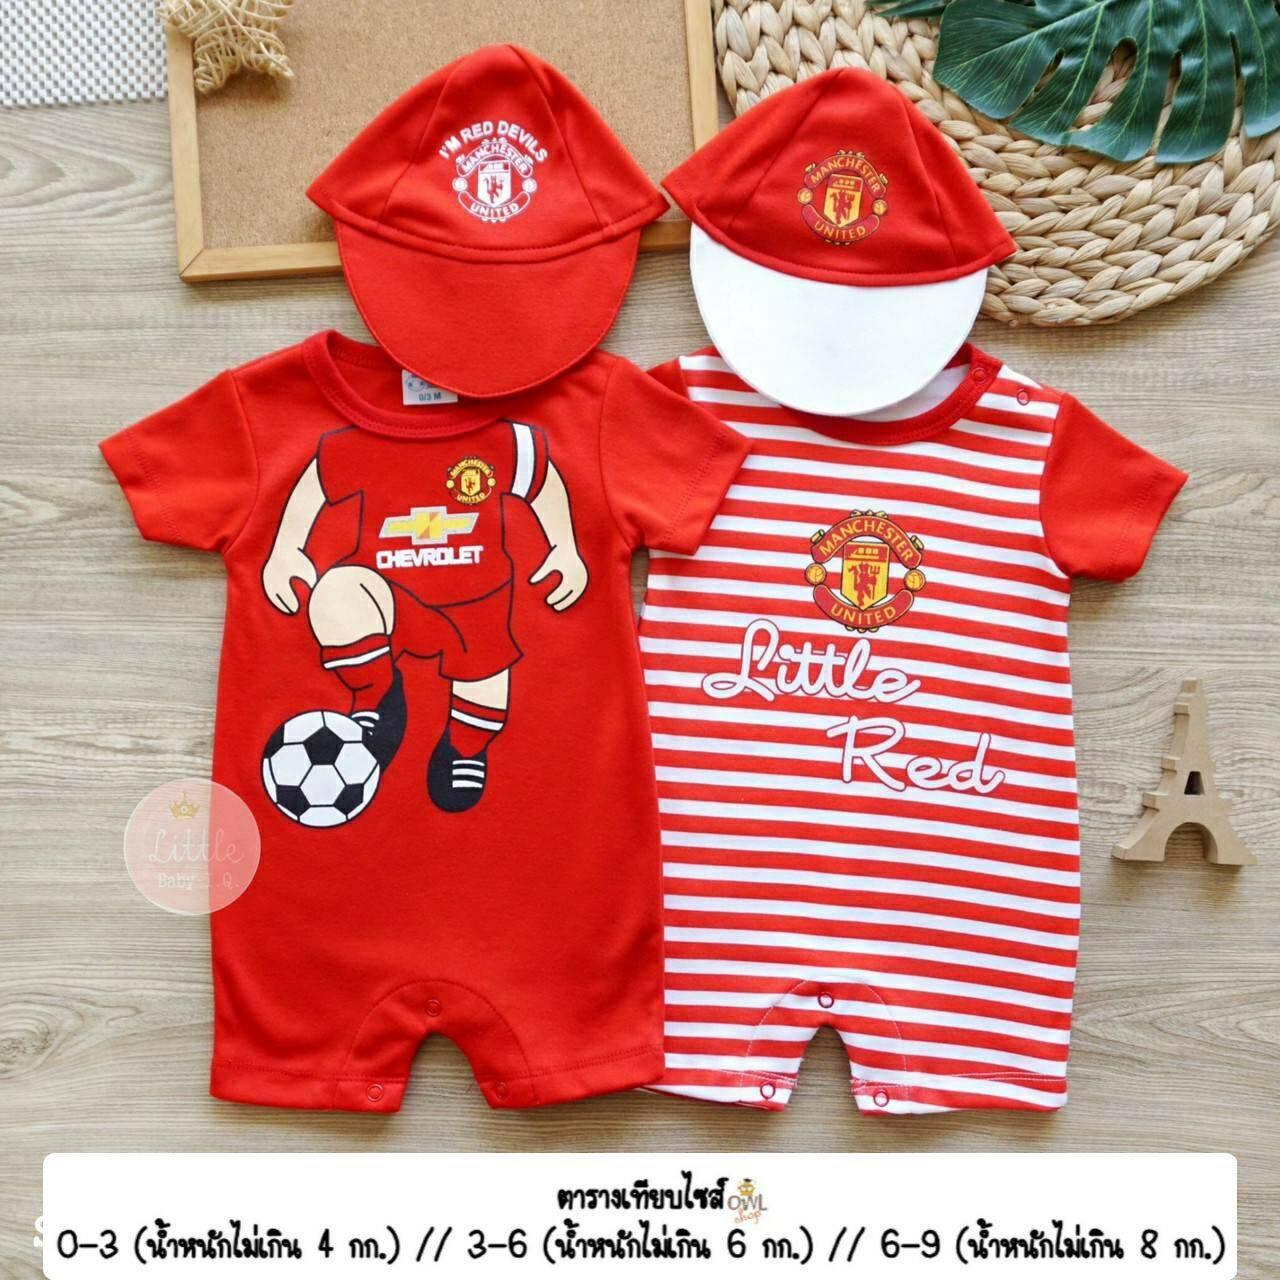 โปรโมชั่น บอดี้สูท ทีมแมนยู (แรกเกิด-8 กก.) ชุดเด็ก เสื้อผ้าเด็ก ชุดเด็กอ่อน ชุดเด็กแรกเกิด เสื้อผ้าเด็กแรกเกิด บอดี้สูทเด็ก mufc